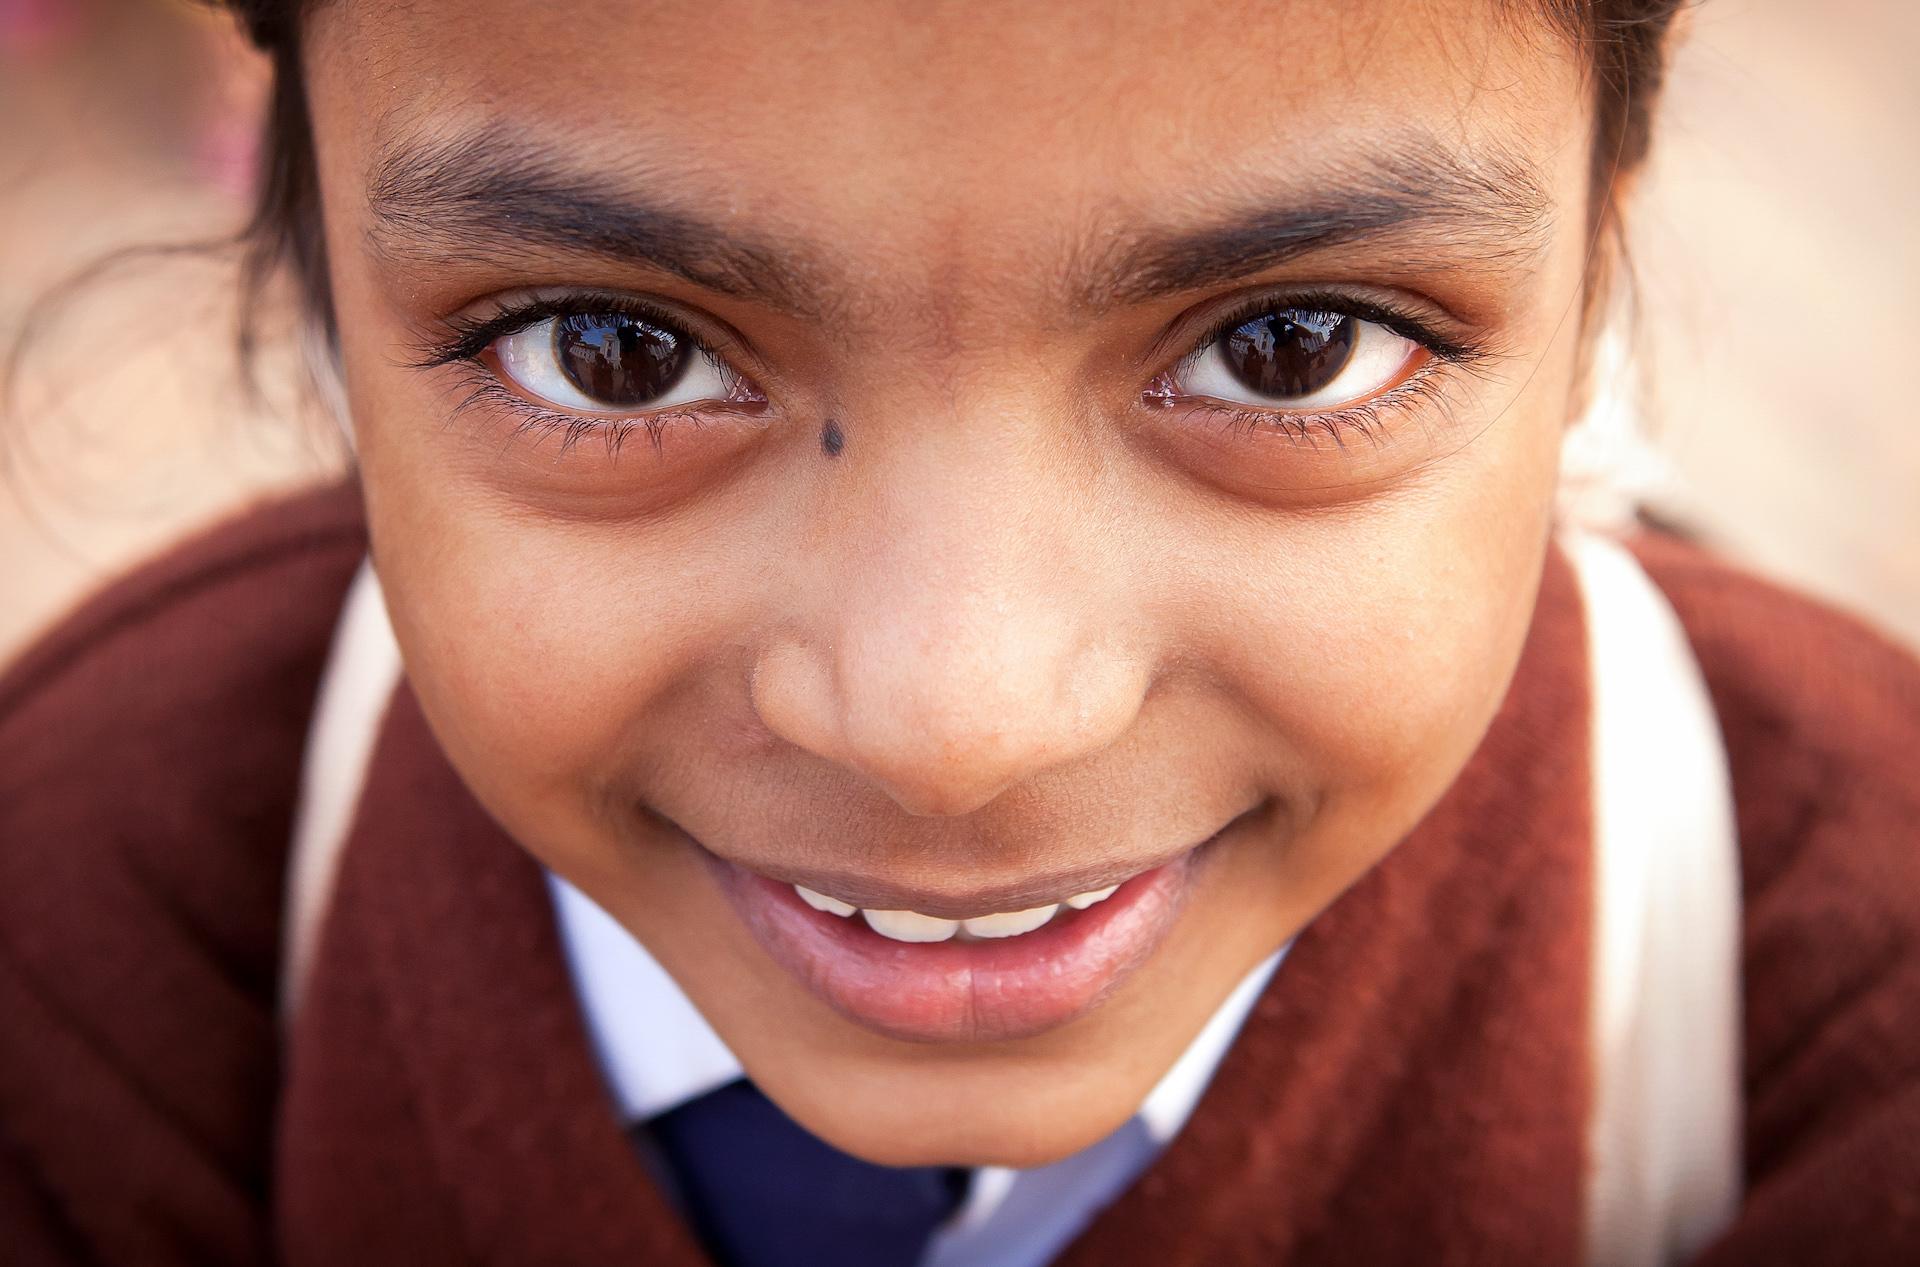 Jason_Bax_Travel_Nepal-Kathmandu-Durbar-Child.JPG